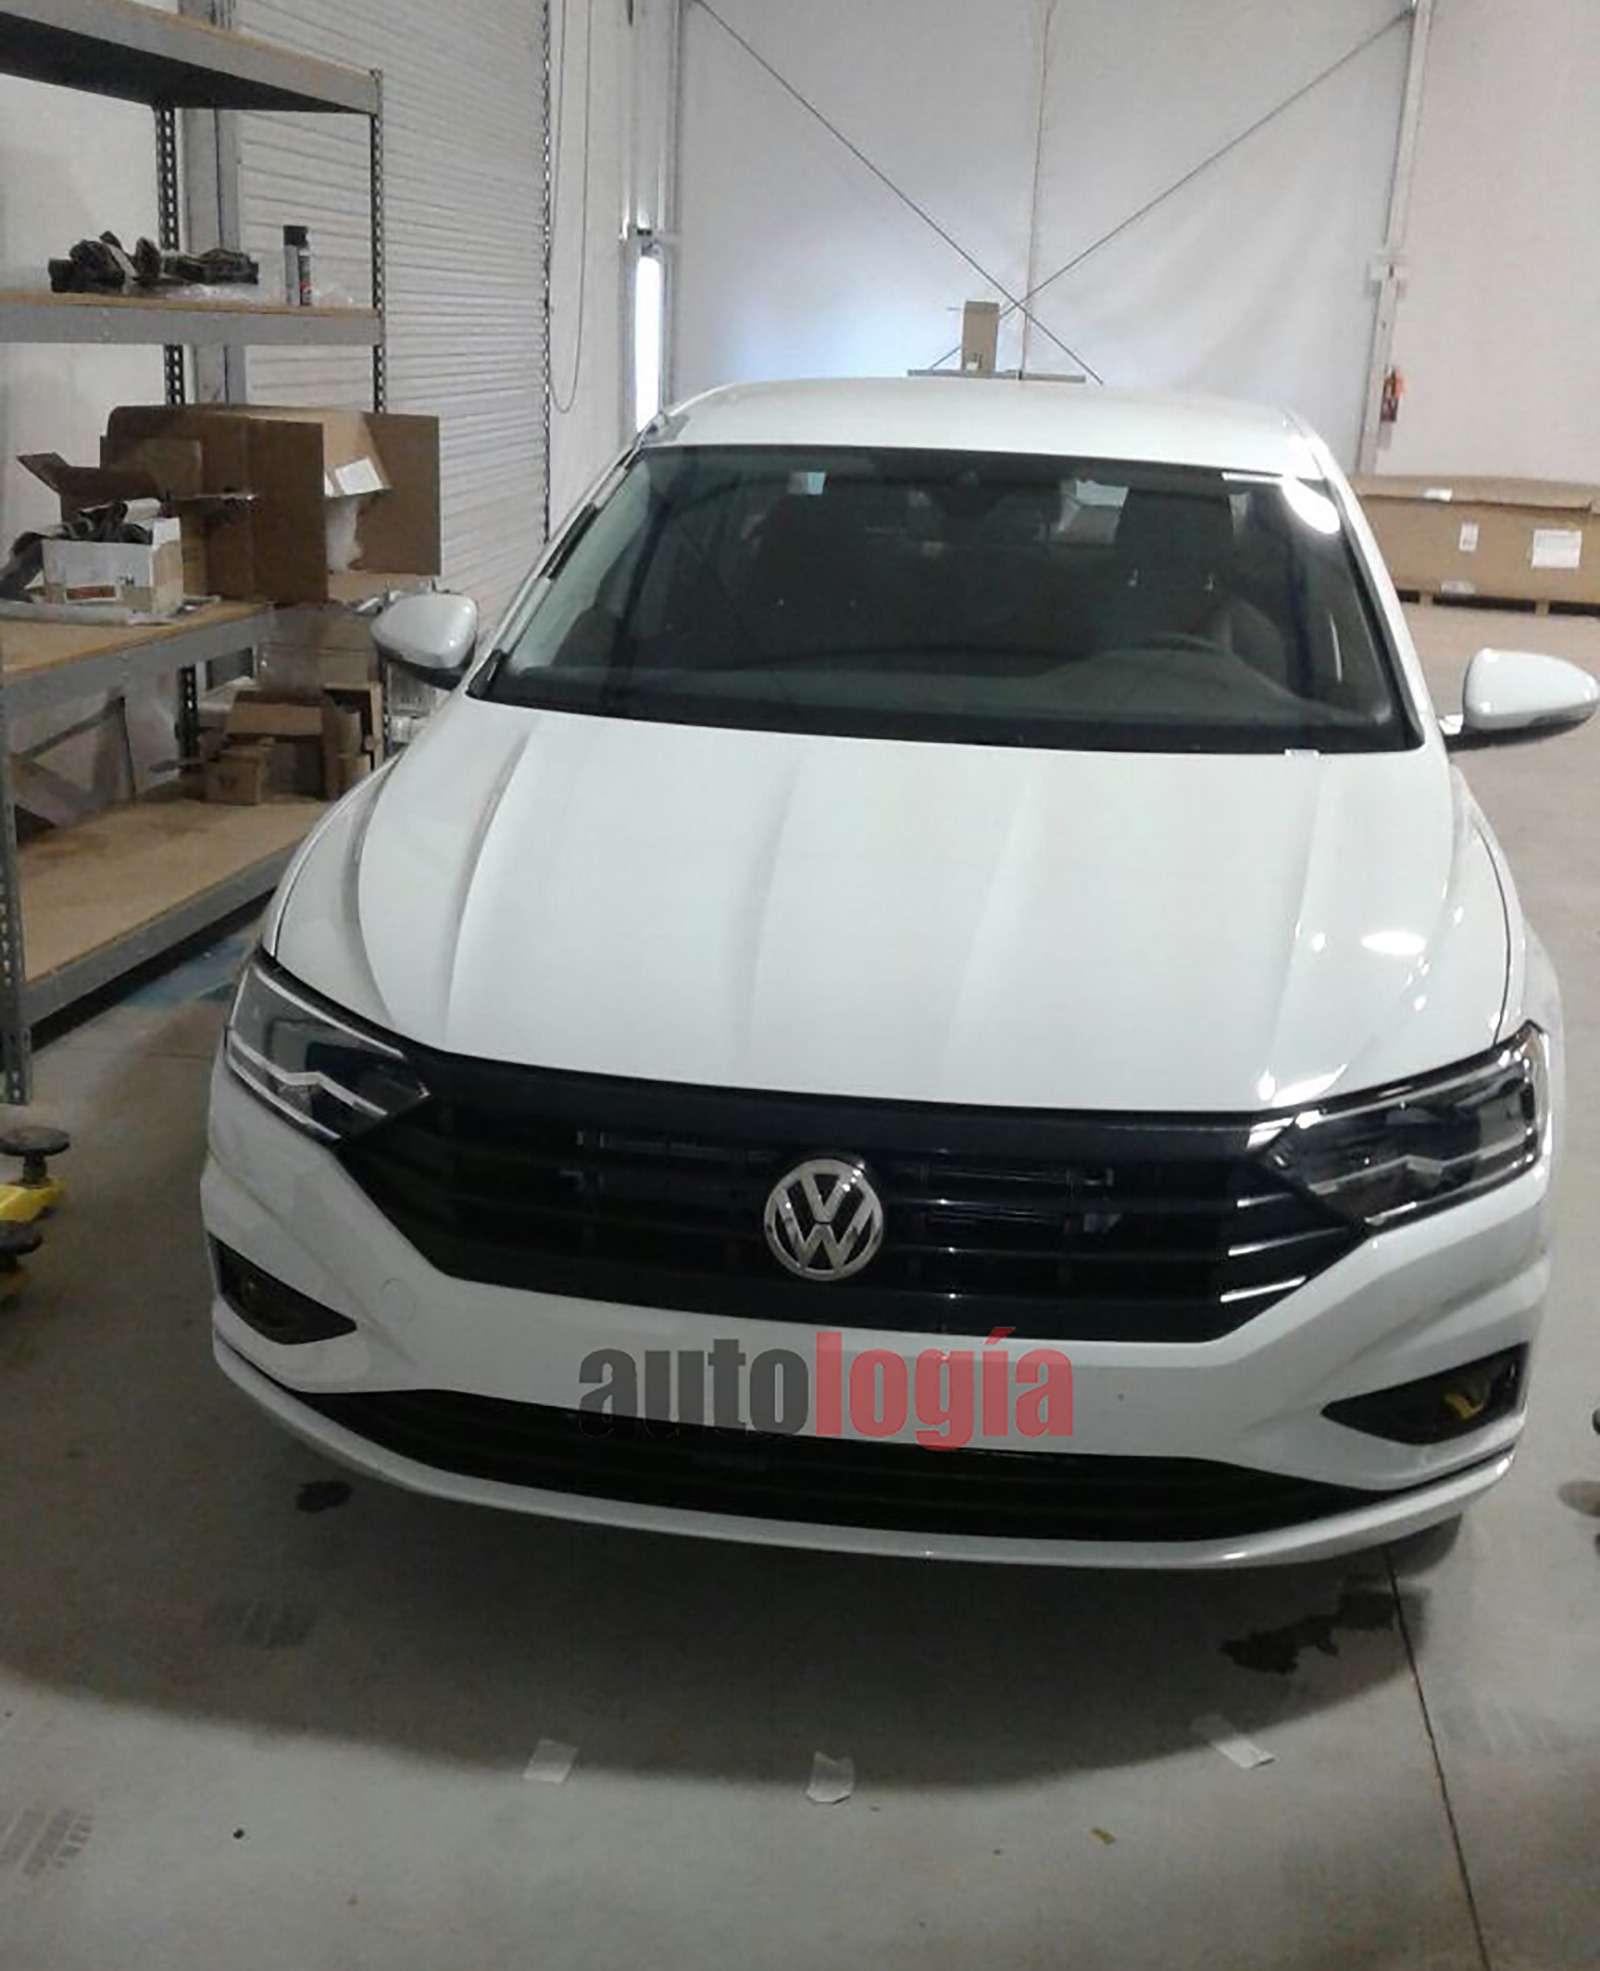 Новый Volkswagen Jetta: рассекречены дизайн иинтерьер— фото 806386